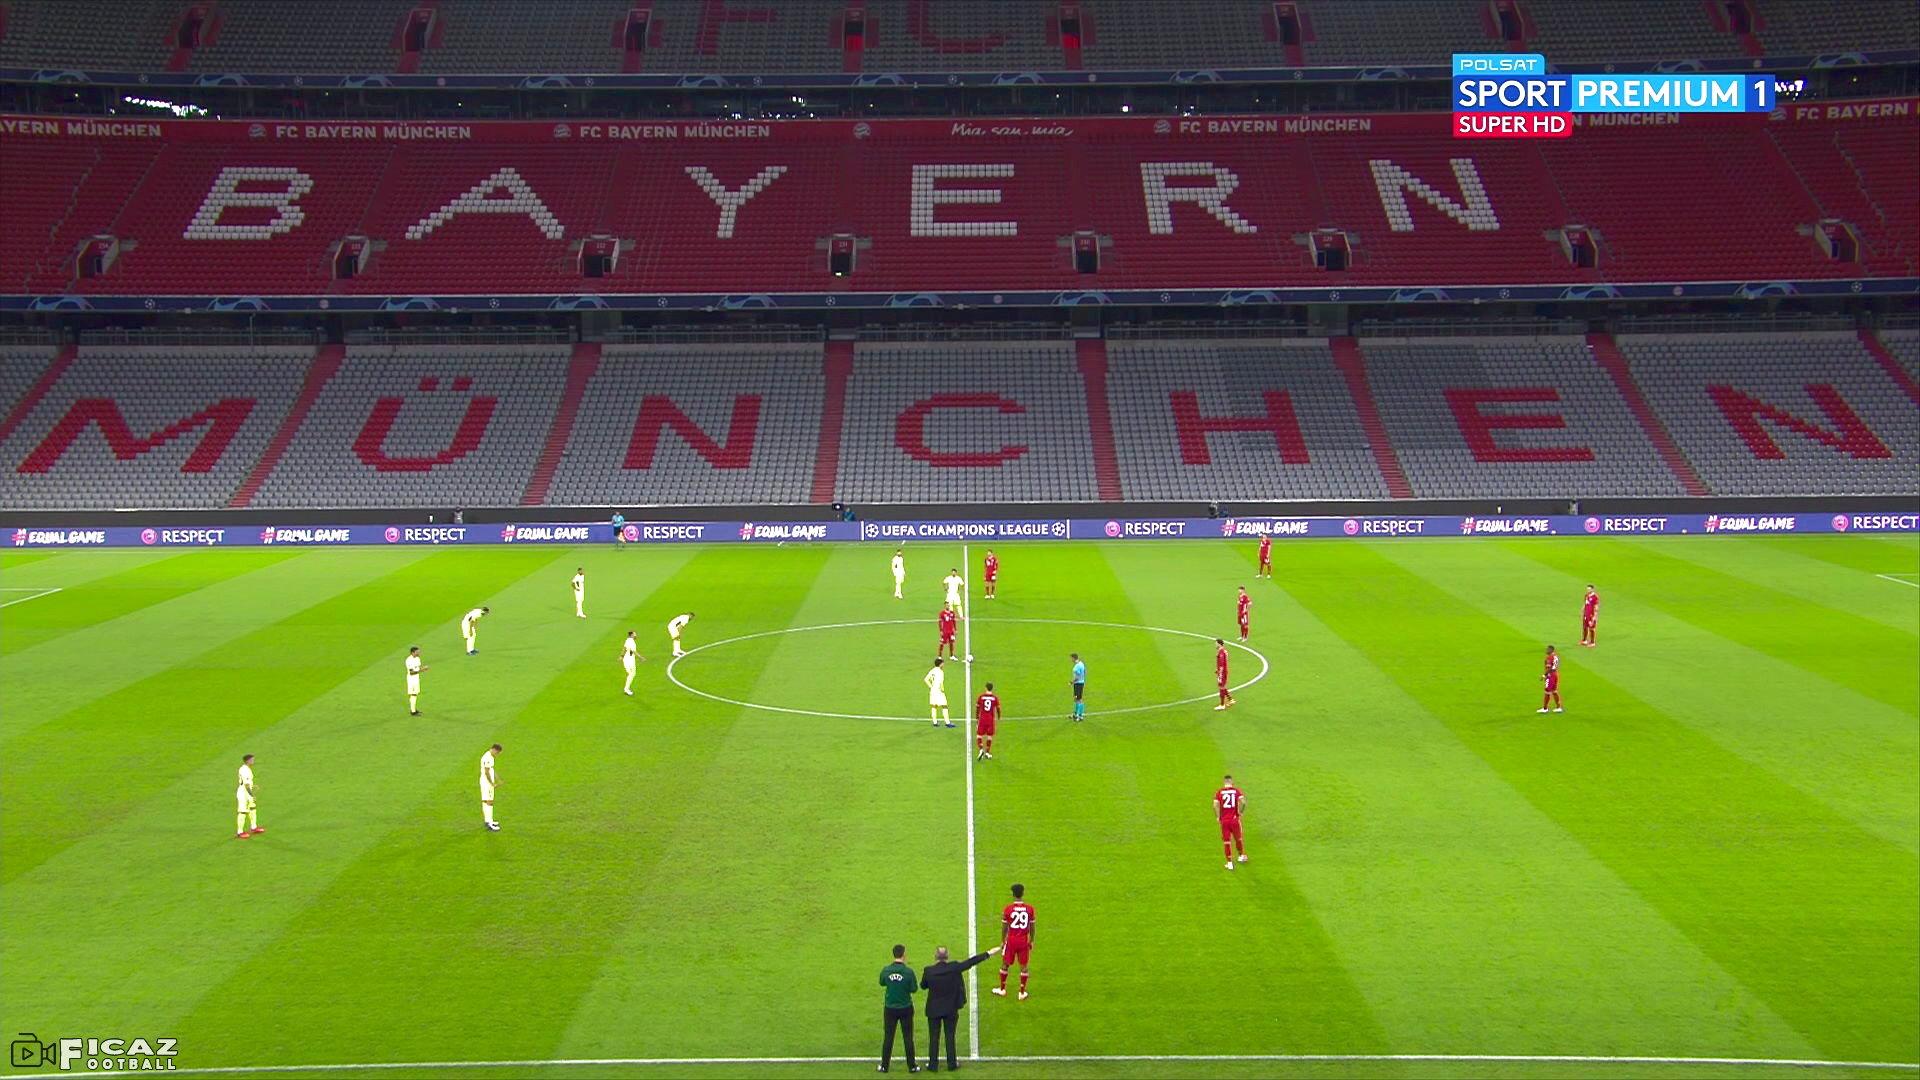 FC Bayern Munich - Main